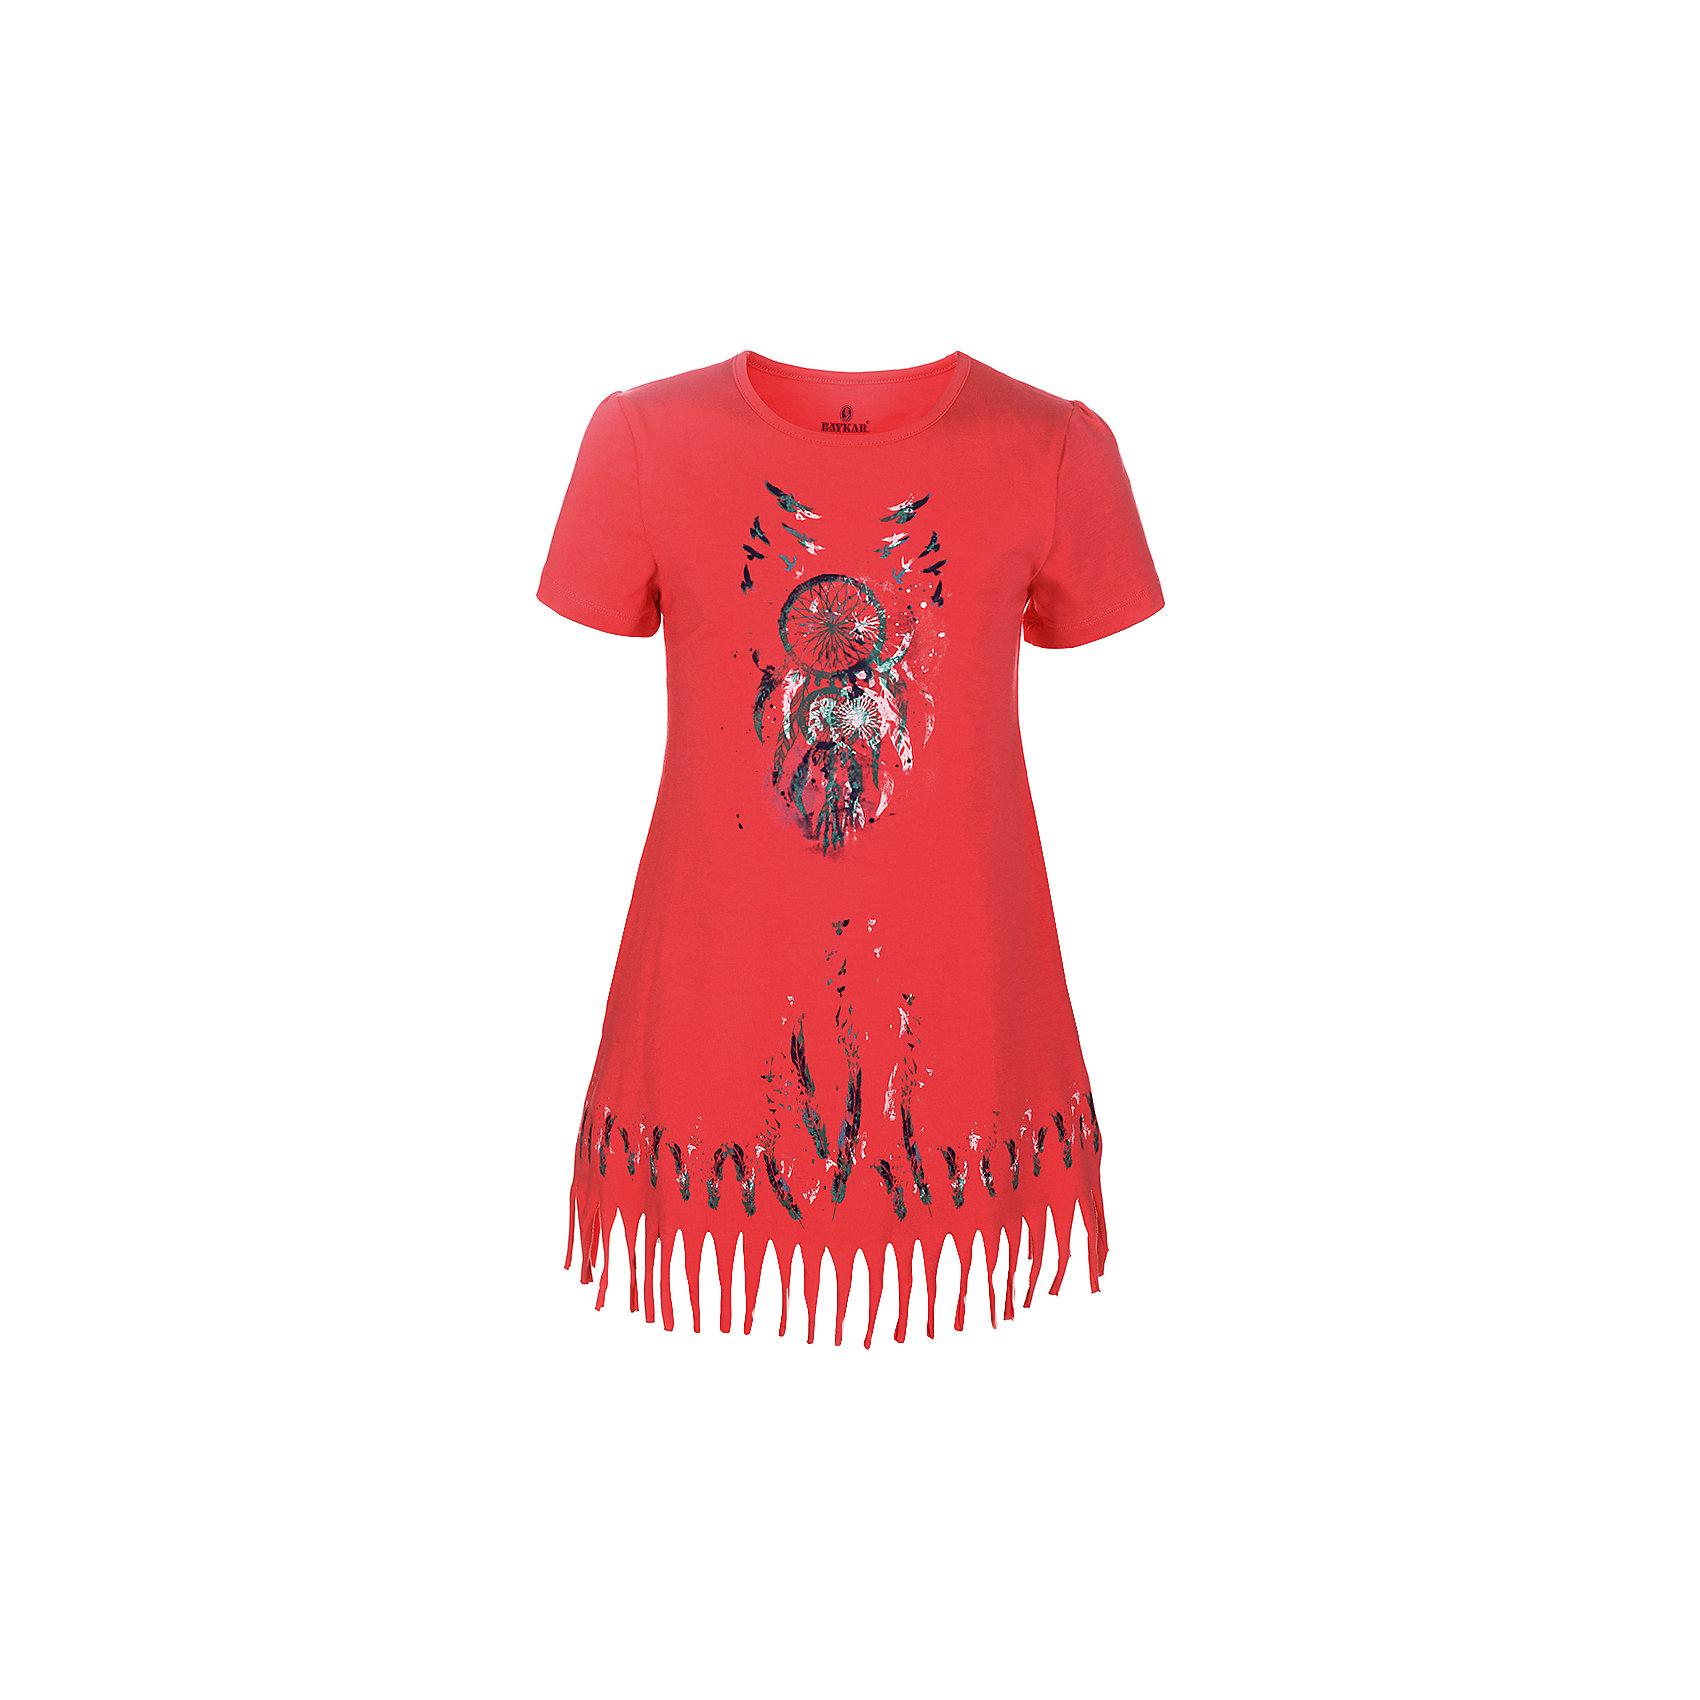 Сорочка для девочки BaykarПижамы и сорочки<br>Характеристики товара:<br><br>• цвет: розовый<br>• состав ткани: 95% хлопок; 5% эластан<br>• короткие рукава<br>• сезон: круглый год<br>• страна бренда: Турция<br>• страна изготовитель: Турция<br><br>Розовая сорочка для девочки позволяет обеспечить комфортный сон. Эта одежда для сна сделана из мягкого дышащего материала. <br><br>Продуманный крой обеспечивает комфортную посадку. Сорочка для девочки Baykar украшена симпатичным принтом.<br><br>Сорочку для девочки Baykar (Байкар) можно купить в нашем интернет-магазине.<br><br>Ширина мм: 281<br>Глубина мм: 70<br>Высота мм: 188<br>Вес г: 295<br>Цвет: розовый<br>Возраст от месяцев: 96<br>Возраст до месяцев: 108<br>Пол: Женский<br>Возраст: Детский<br>Размер: 128/134,134/140,140/146,122/128<br>SKU: 6764862